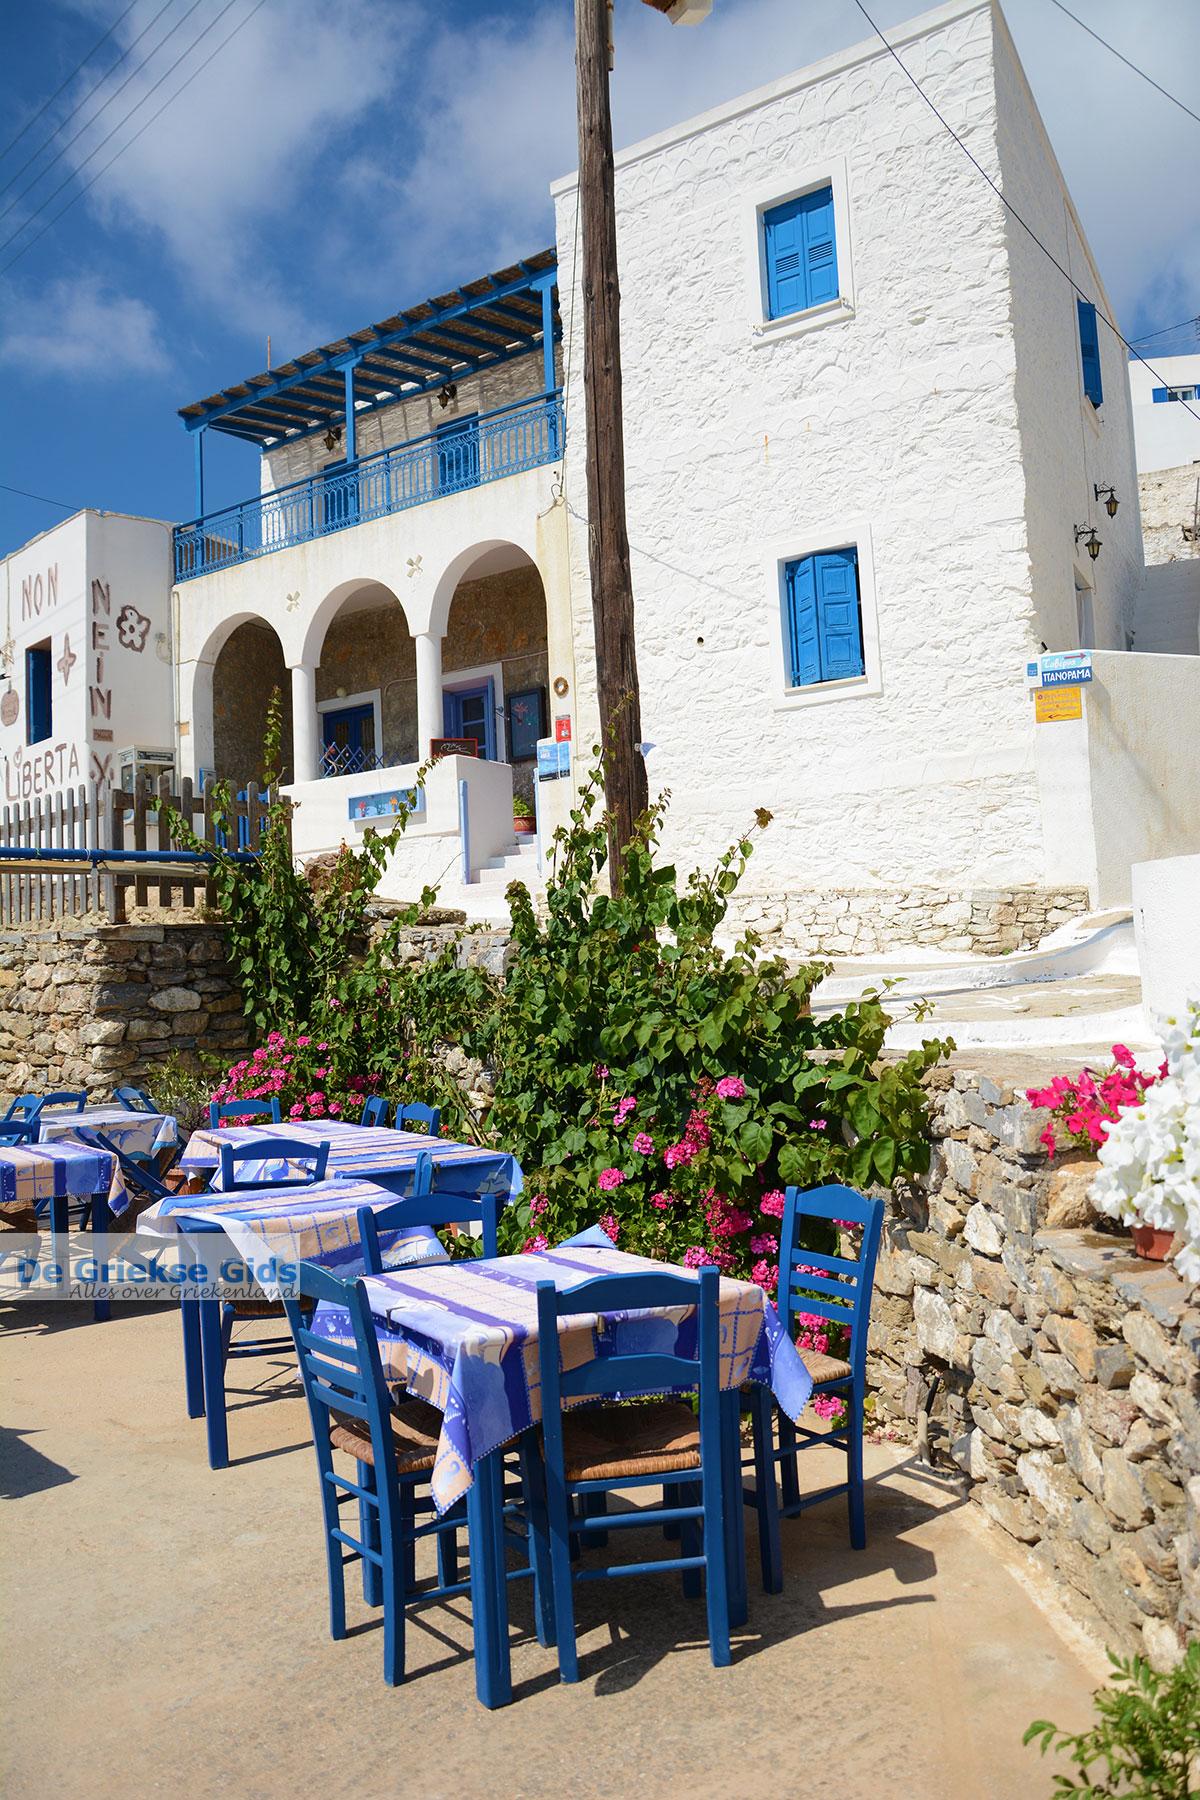 foto Tholaria Amorgos - Eiland Amorgos - Cycladen Griekenland foto 295